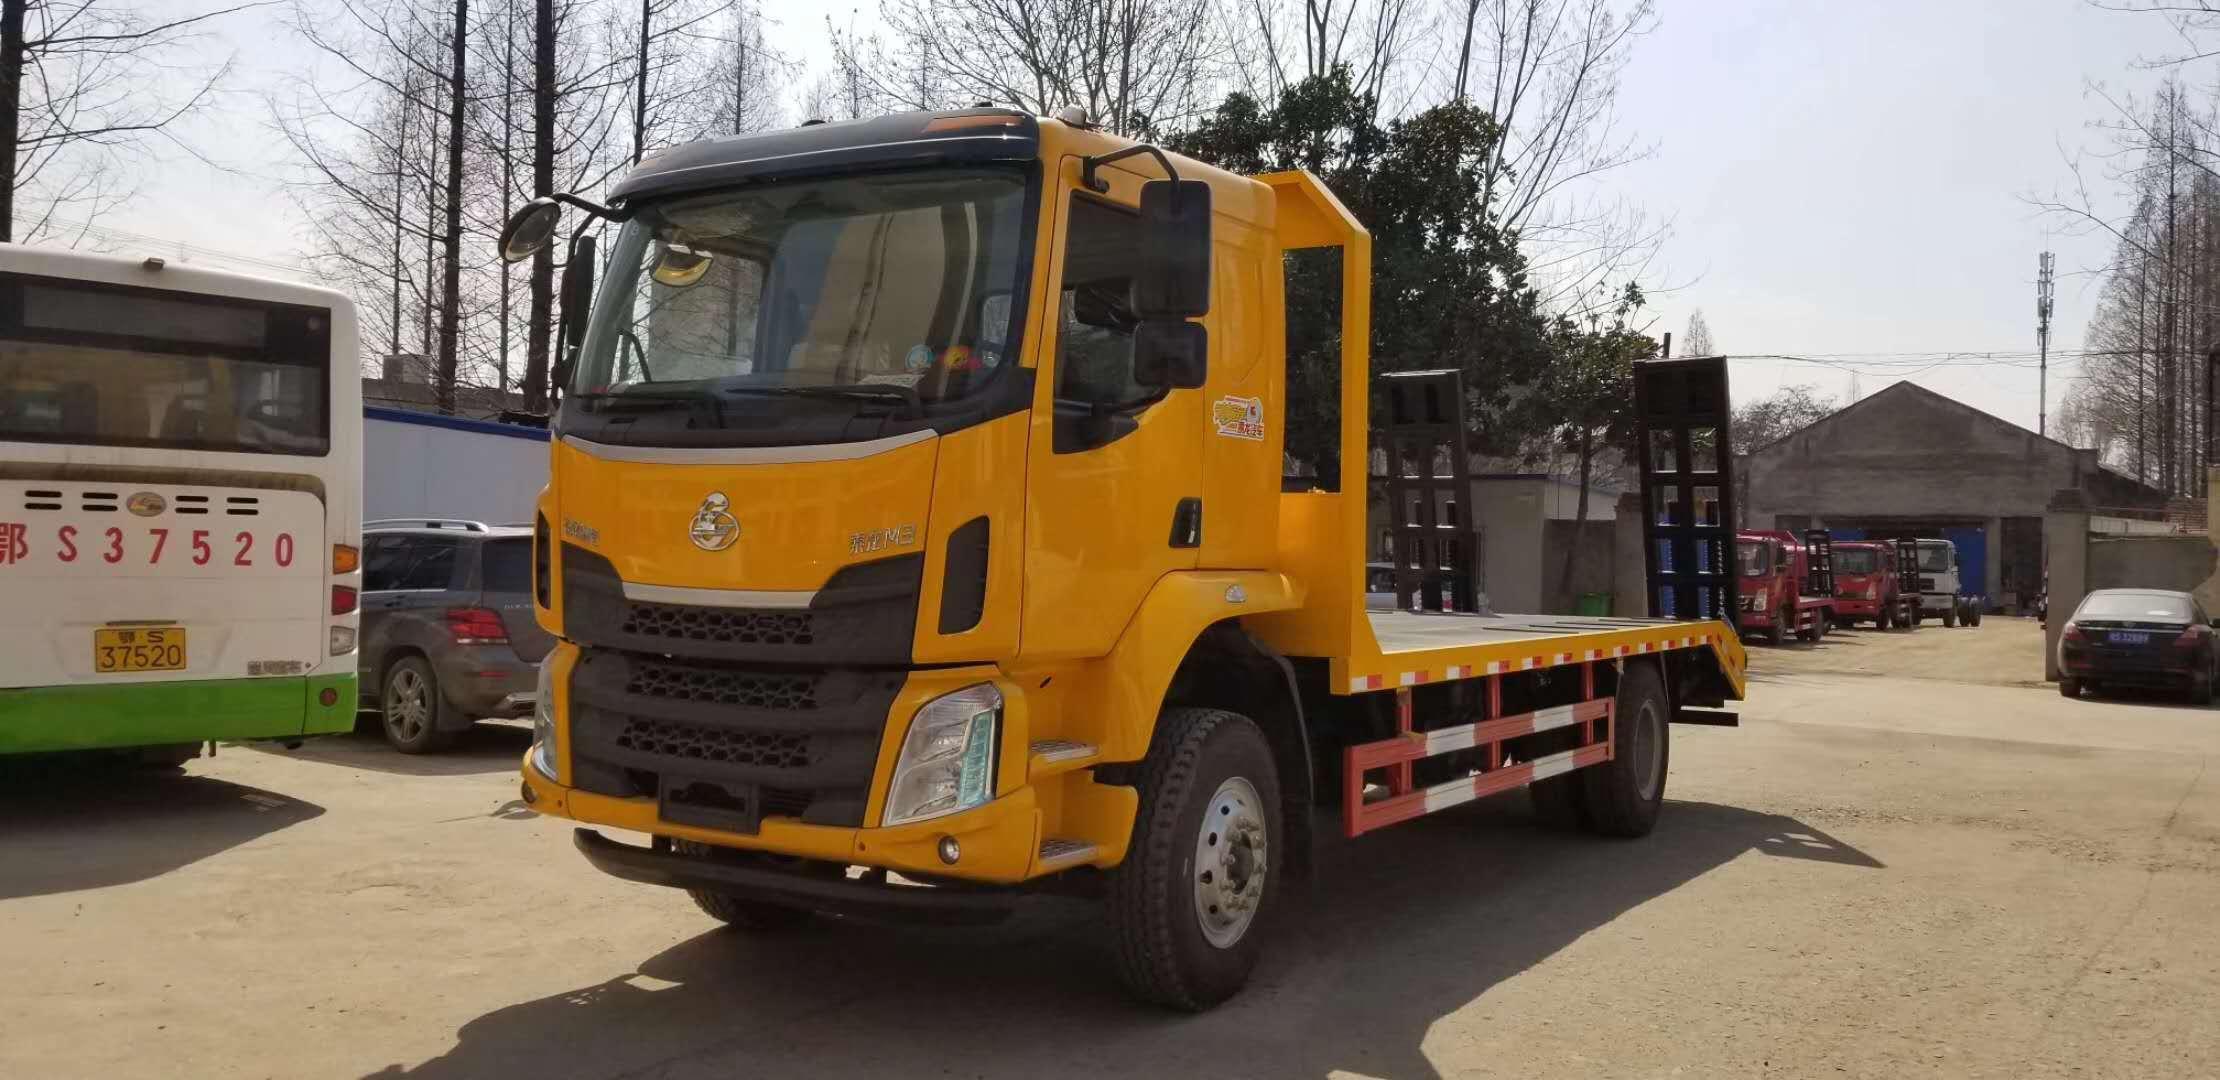 广西东风柳汽200马力工程车底盘平板拖车厂家价格,奥龙汽车周厂长推荐